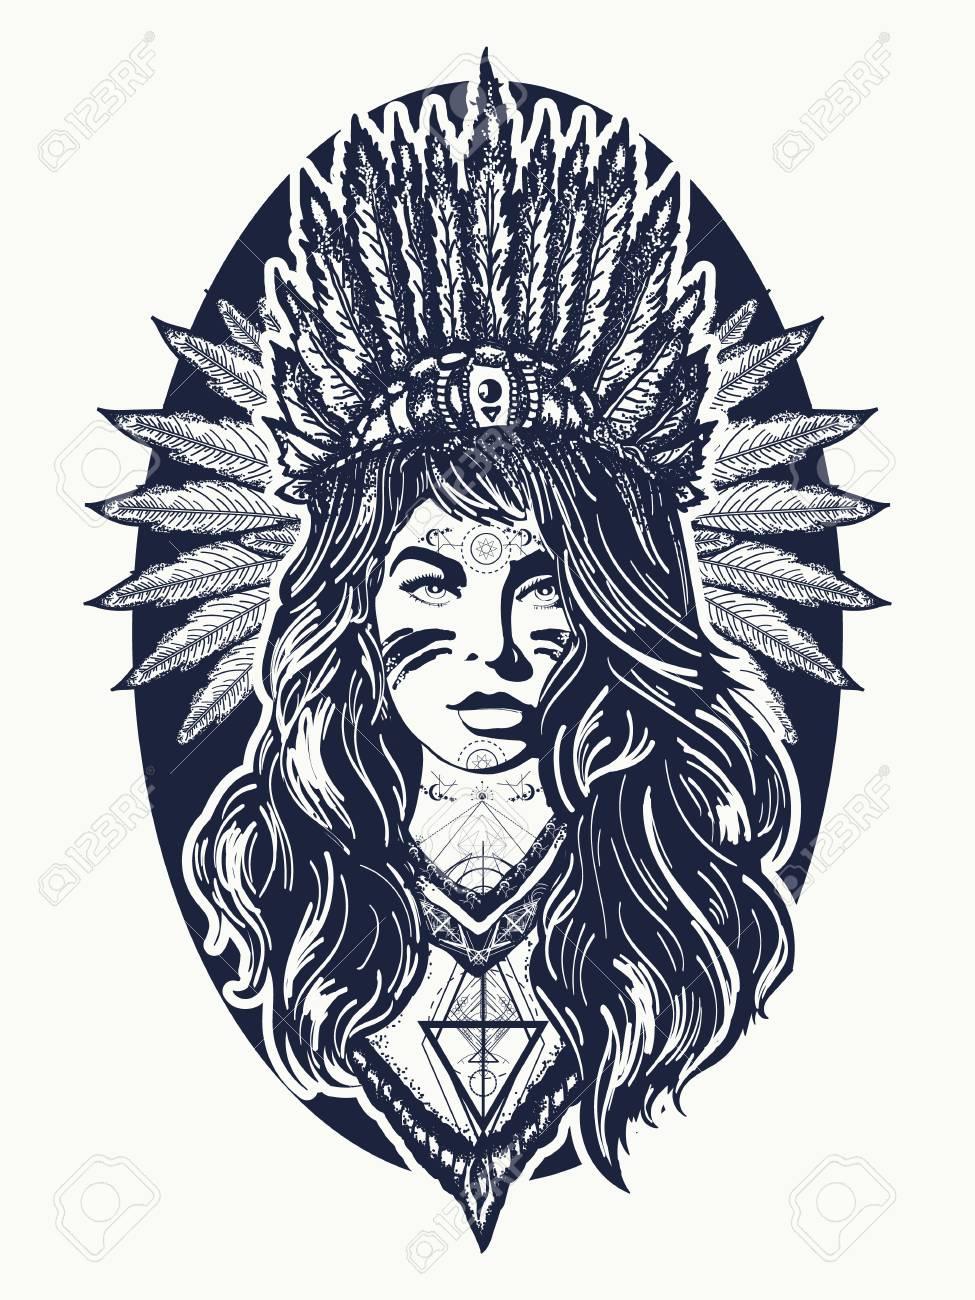 Arte Del Tatuaje Mujer Americana Nativa Guerrero De La Muchacha